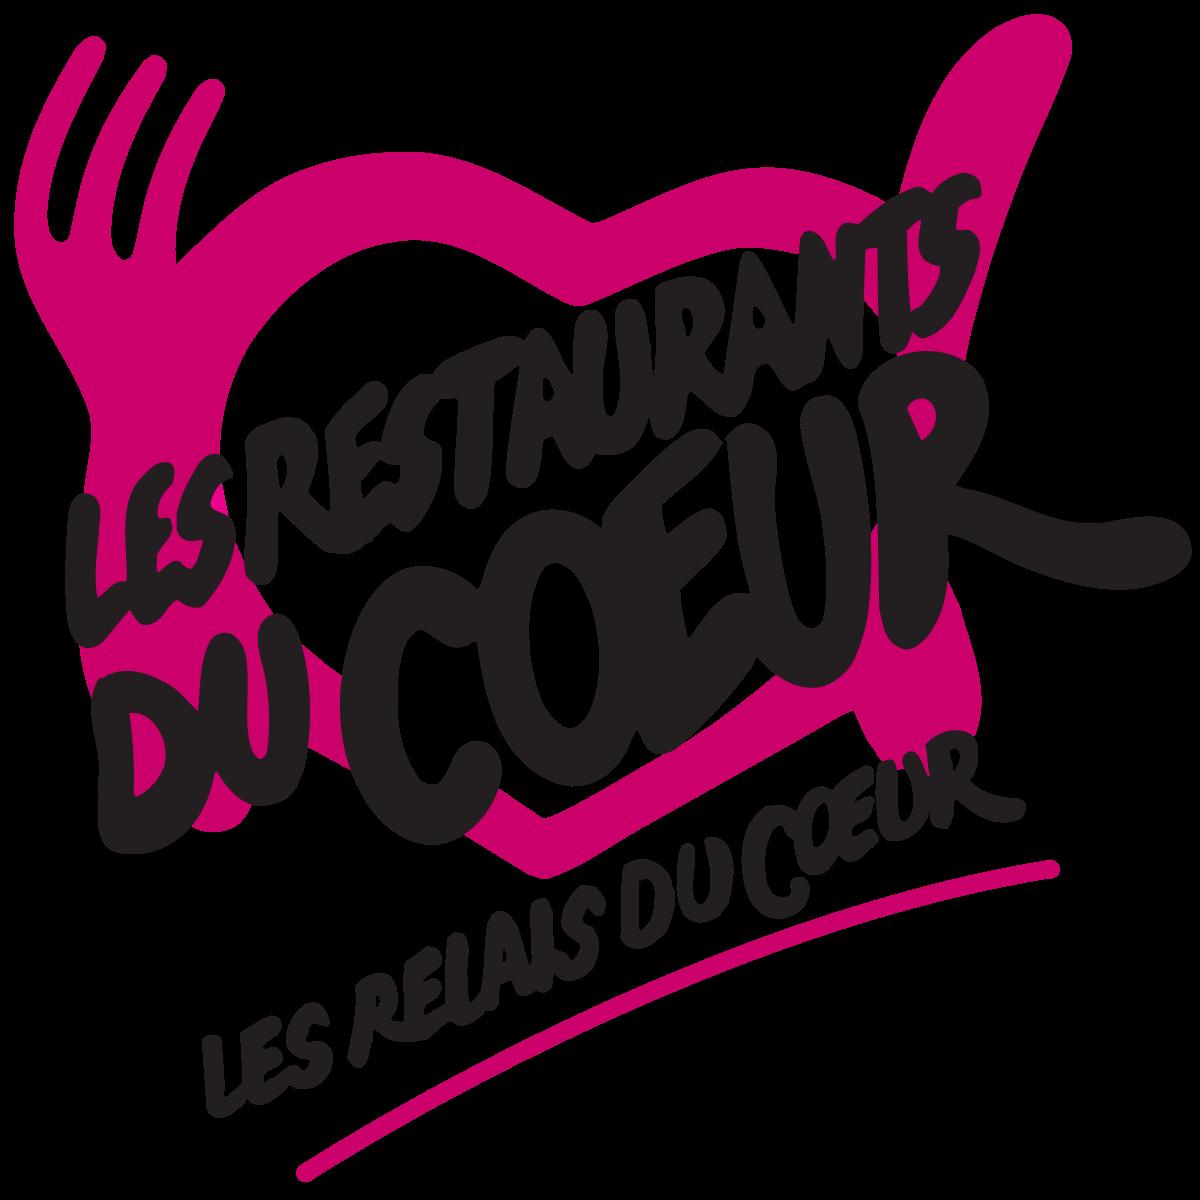 Restos_du_coeur_Logo.png